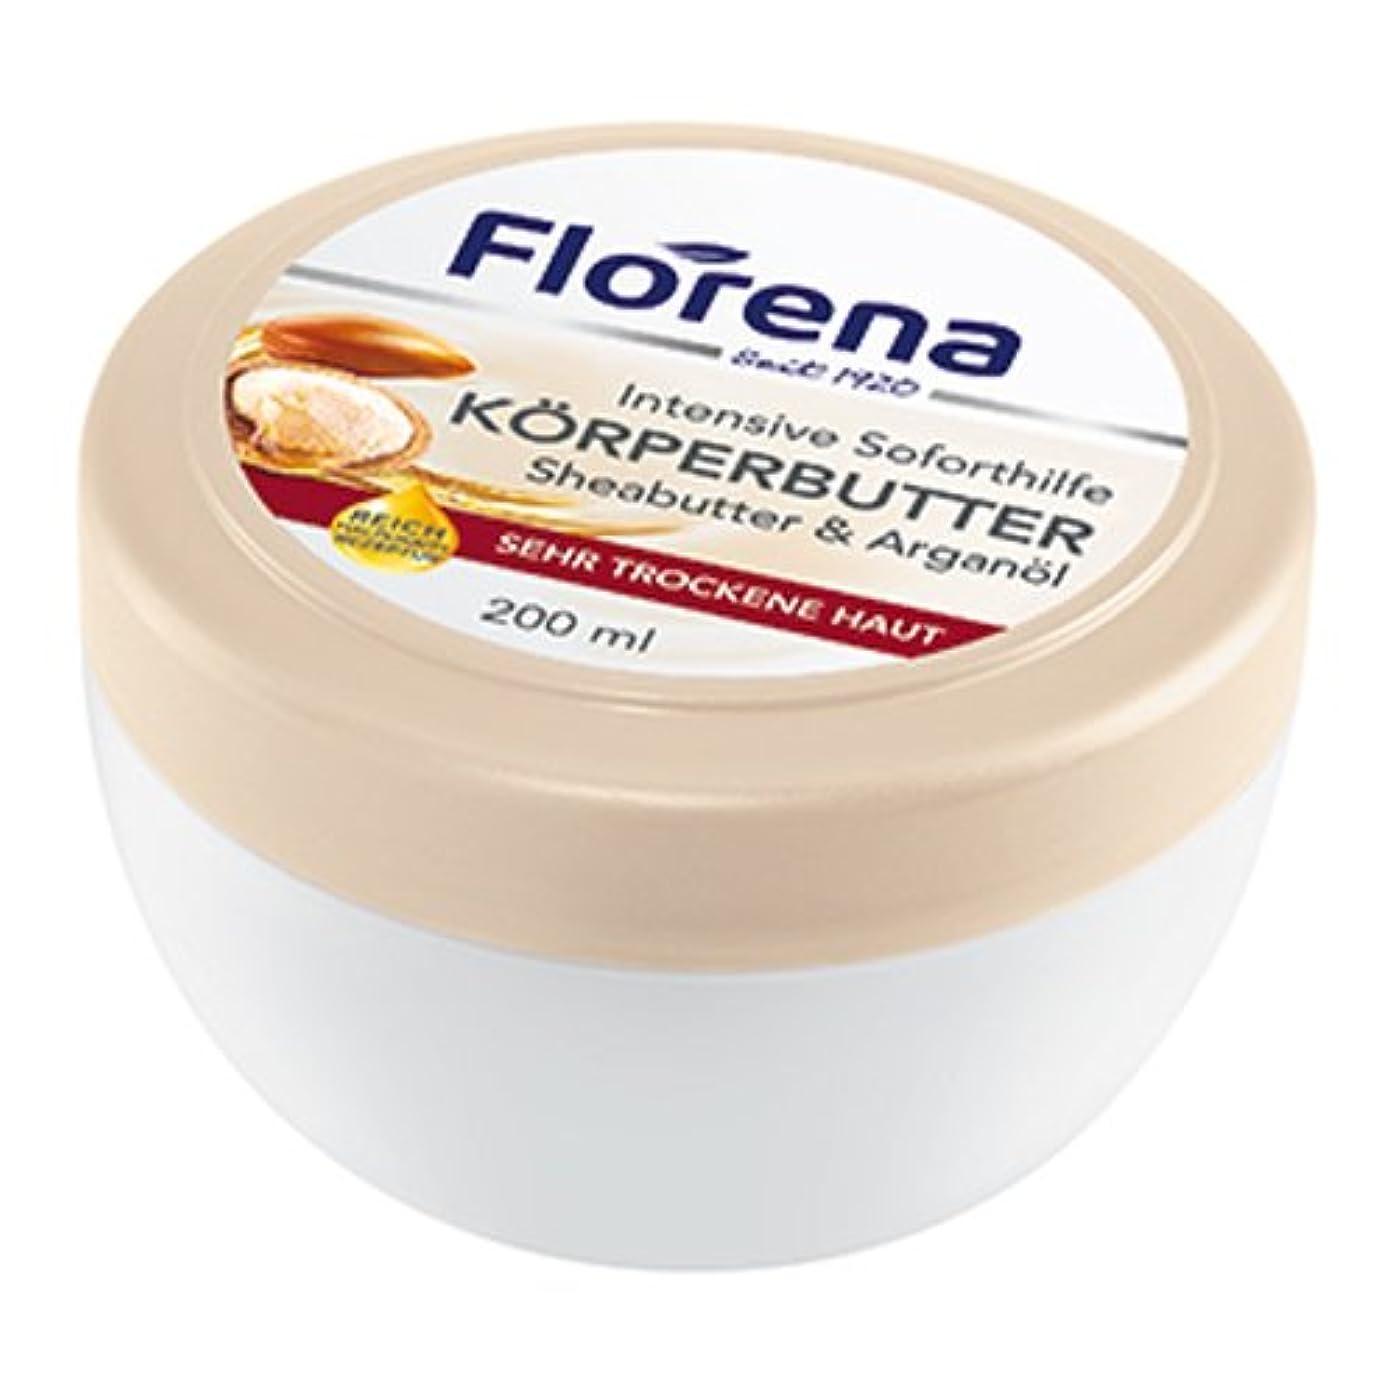 ジュニアチャット化学薬品フロレナ フロレナ ボディバター 200ml